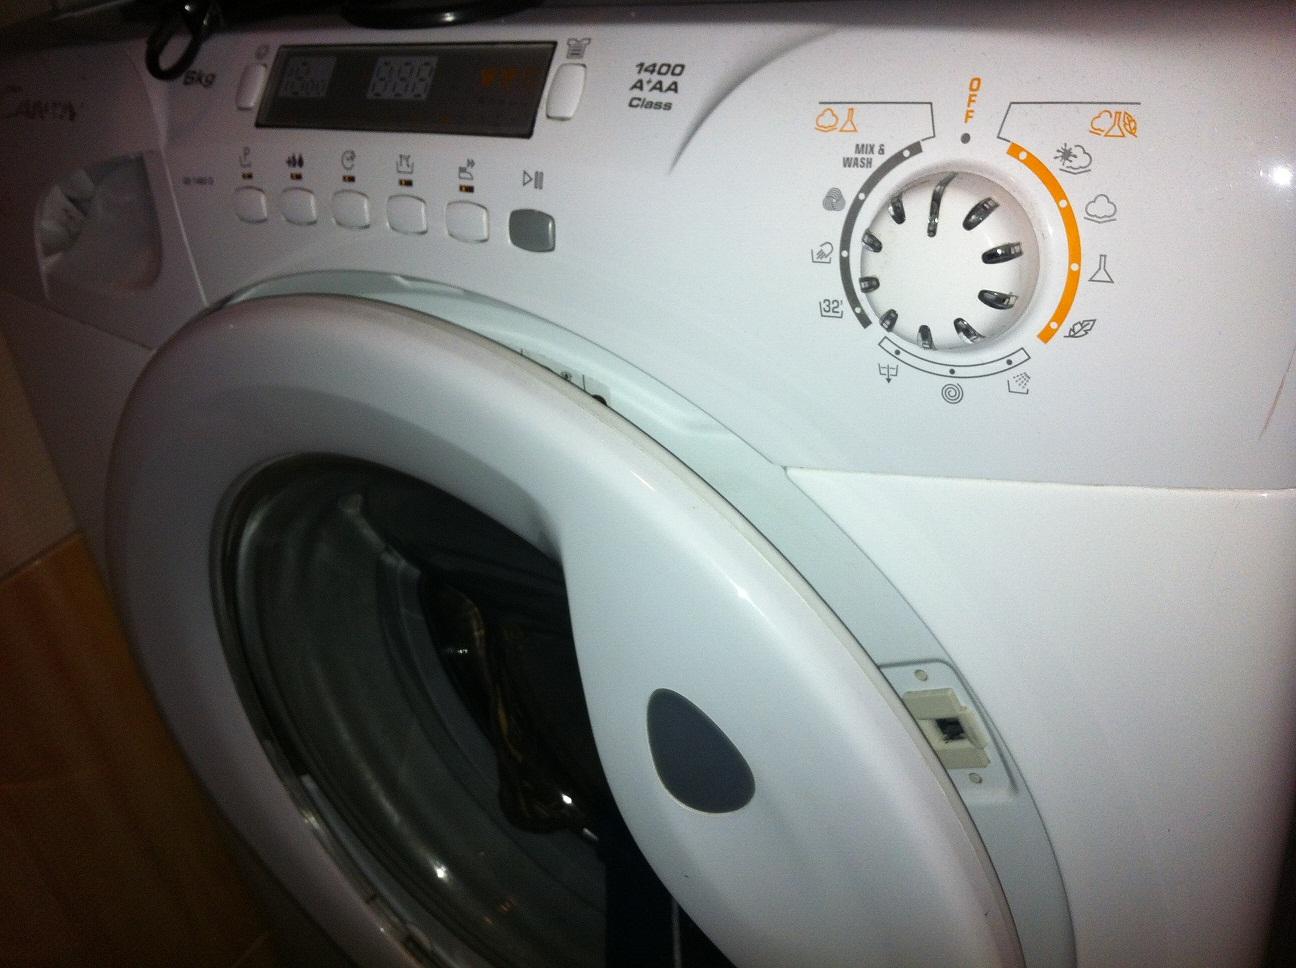 pračka nevypouští